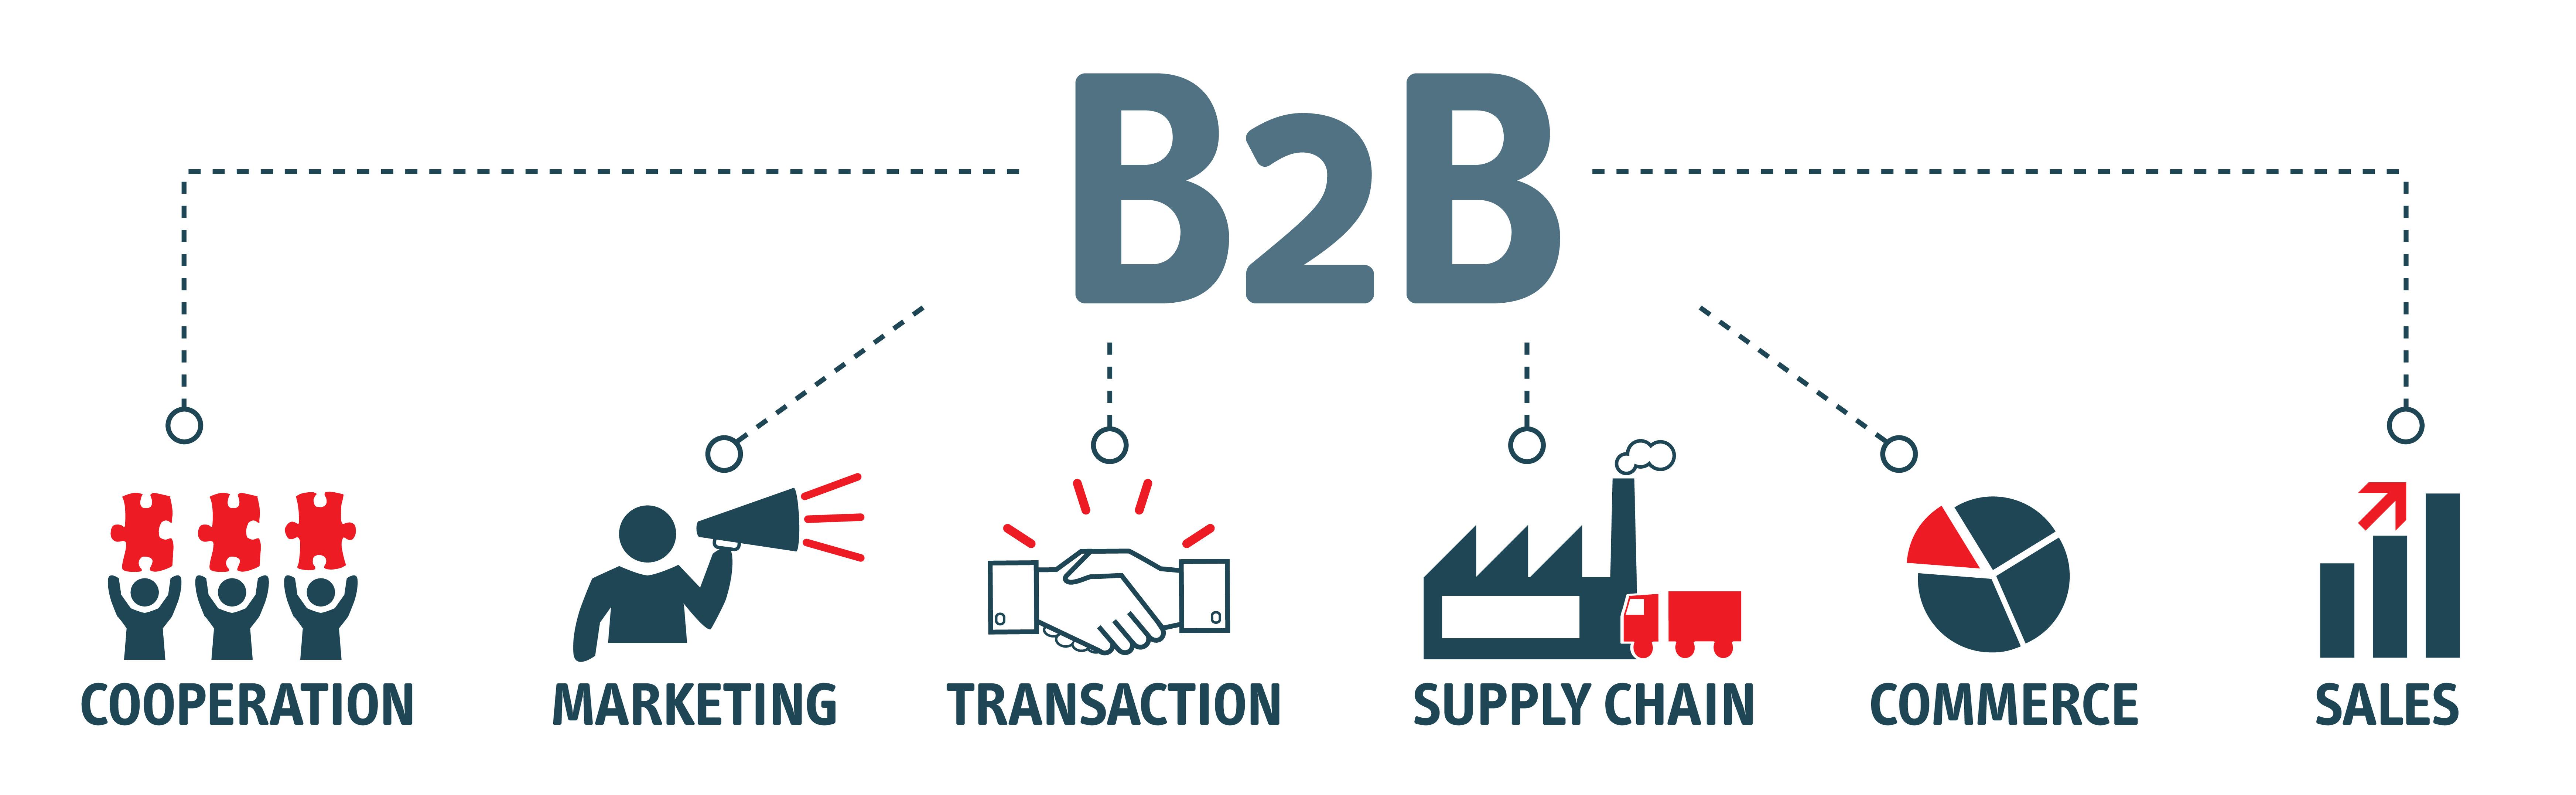 Oferta B2B - revanzatori